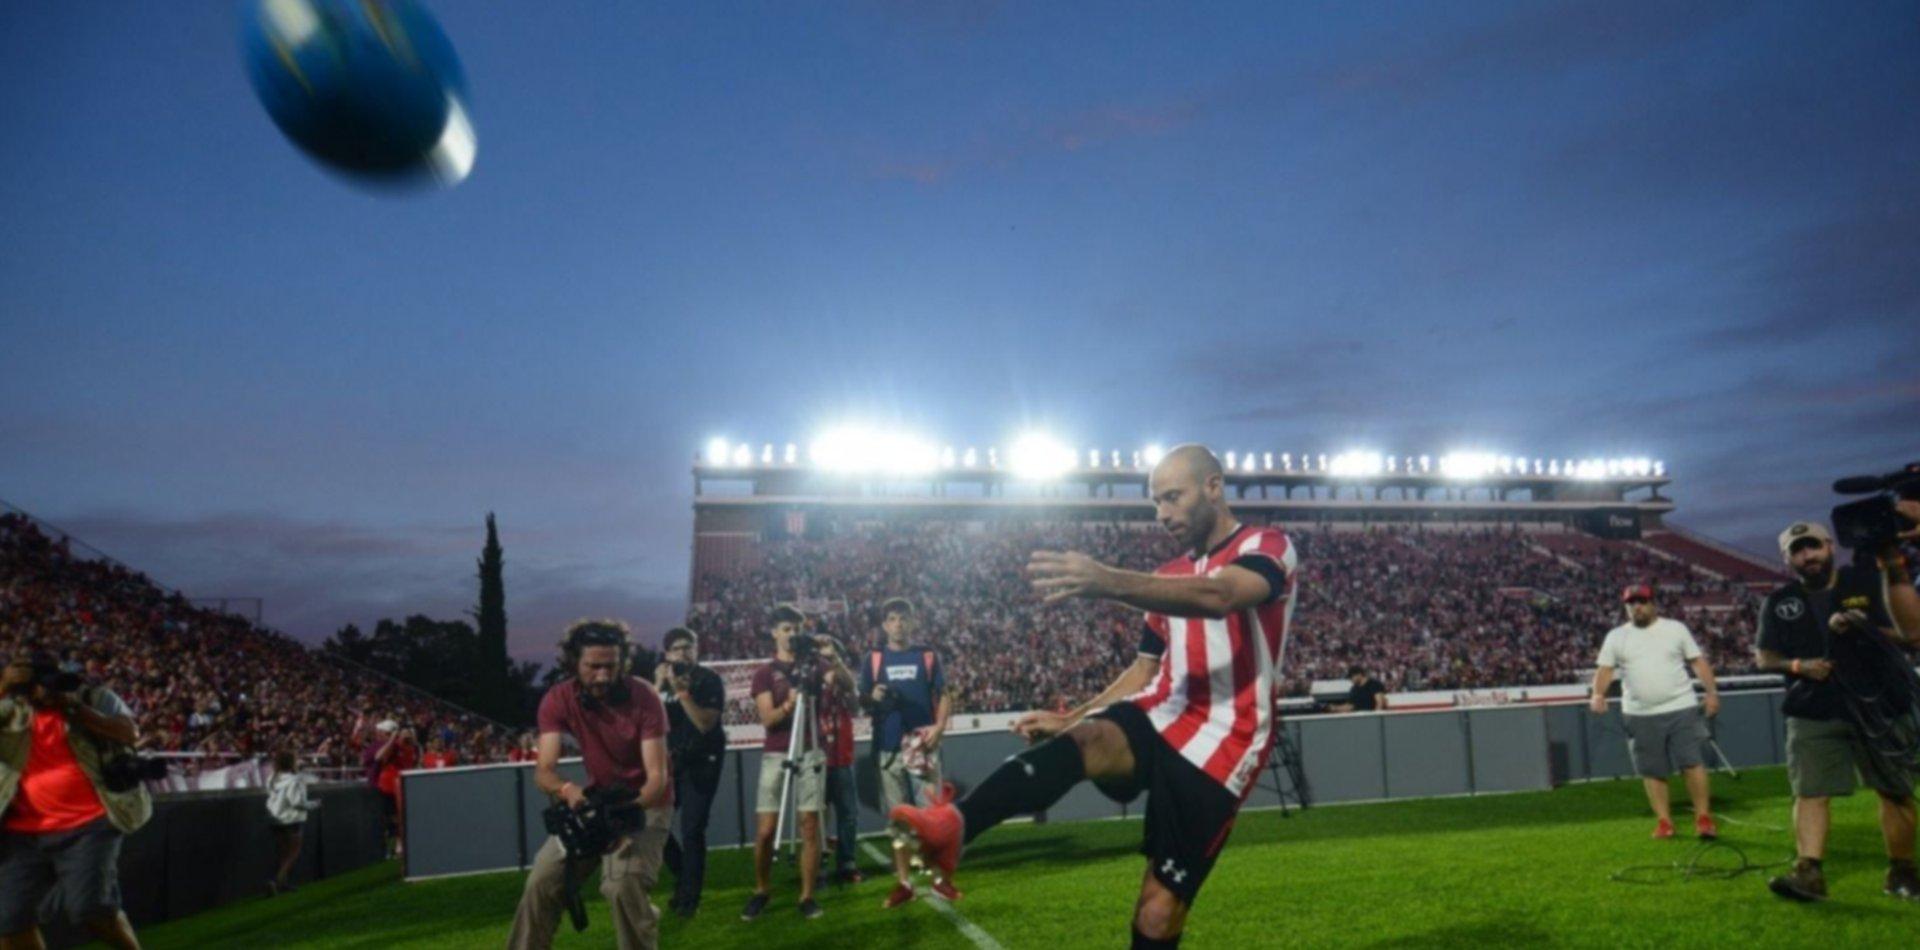 Apuntan a transferencias e inversiones de Mascherano en Uruguay por una posible evasión